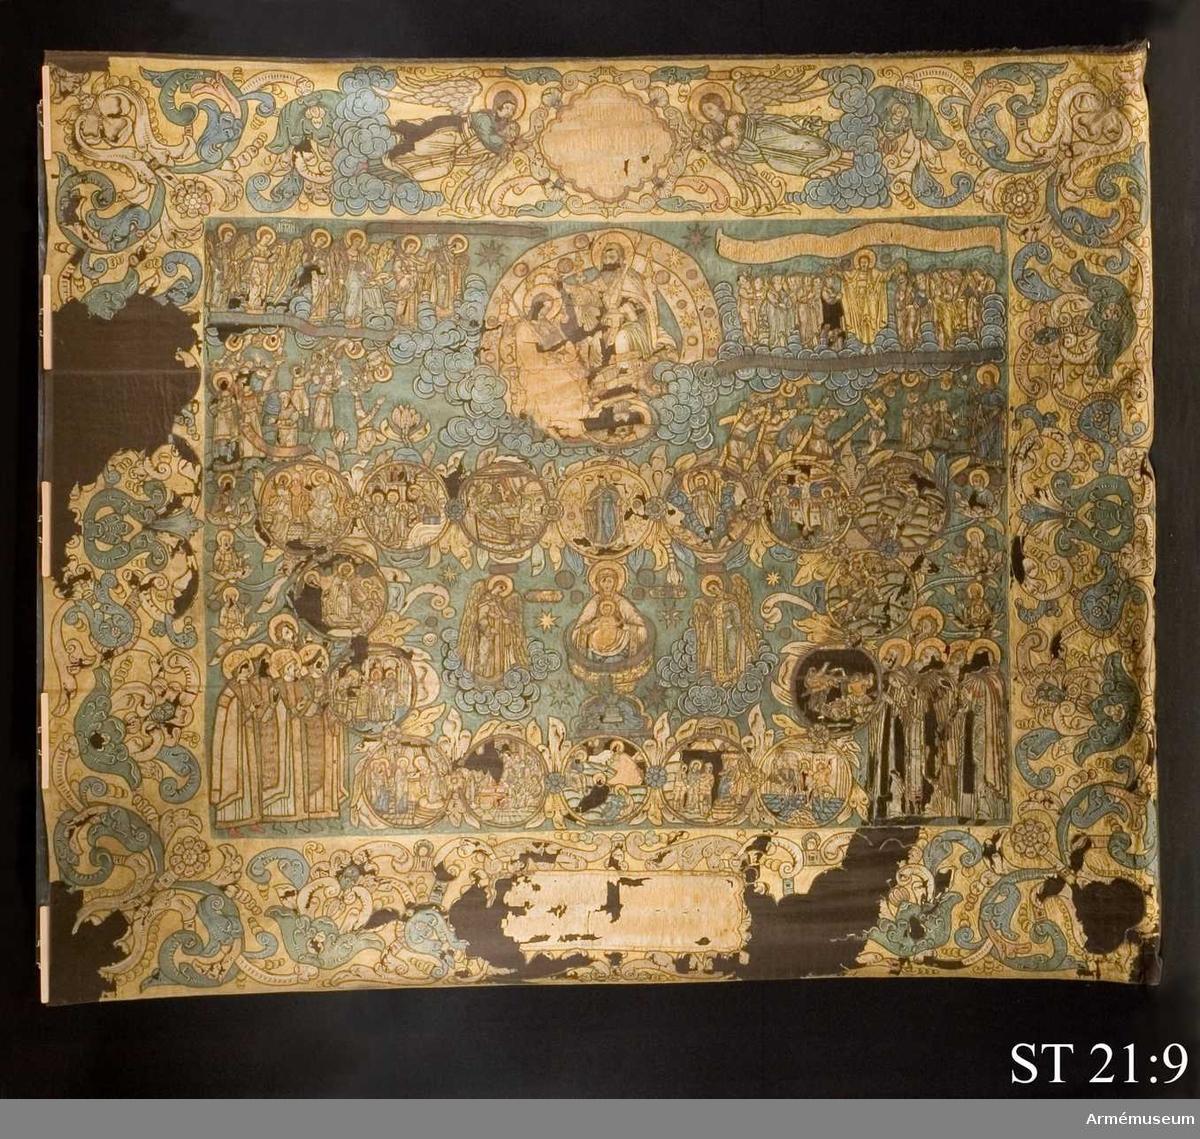 Blå duk med gul bård. Huvudmotivet är Gudsmodern, jungfru Marias, liv som framställs i medaljonger. I mitten av medalongkransen avbildas Maria som Livets källa.